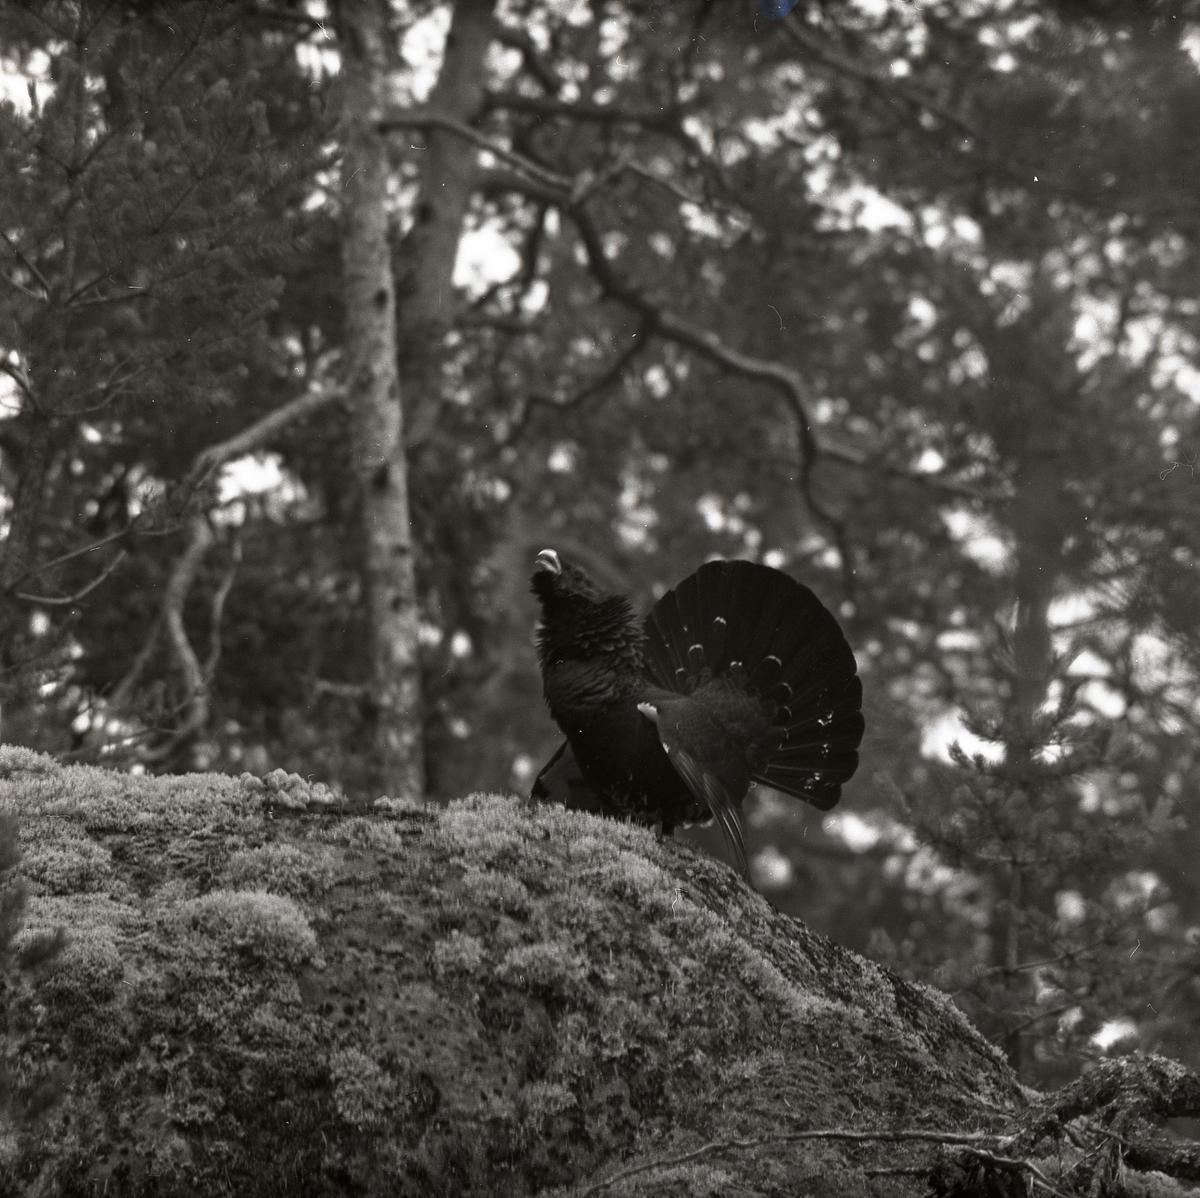 Stjärtfjädrarna är uppresta och fjäderdräkten fluffig när tjädertuppen spelar på en mossig sten. Bakom stenen kan  skogen urskiljas med sina attribut som tallar, granar och lövträd.